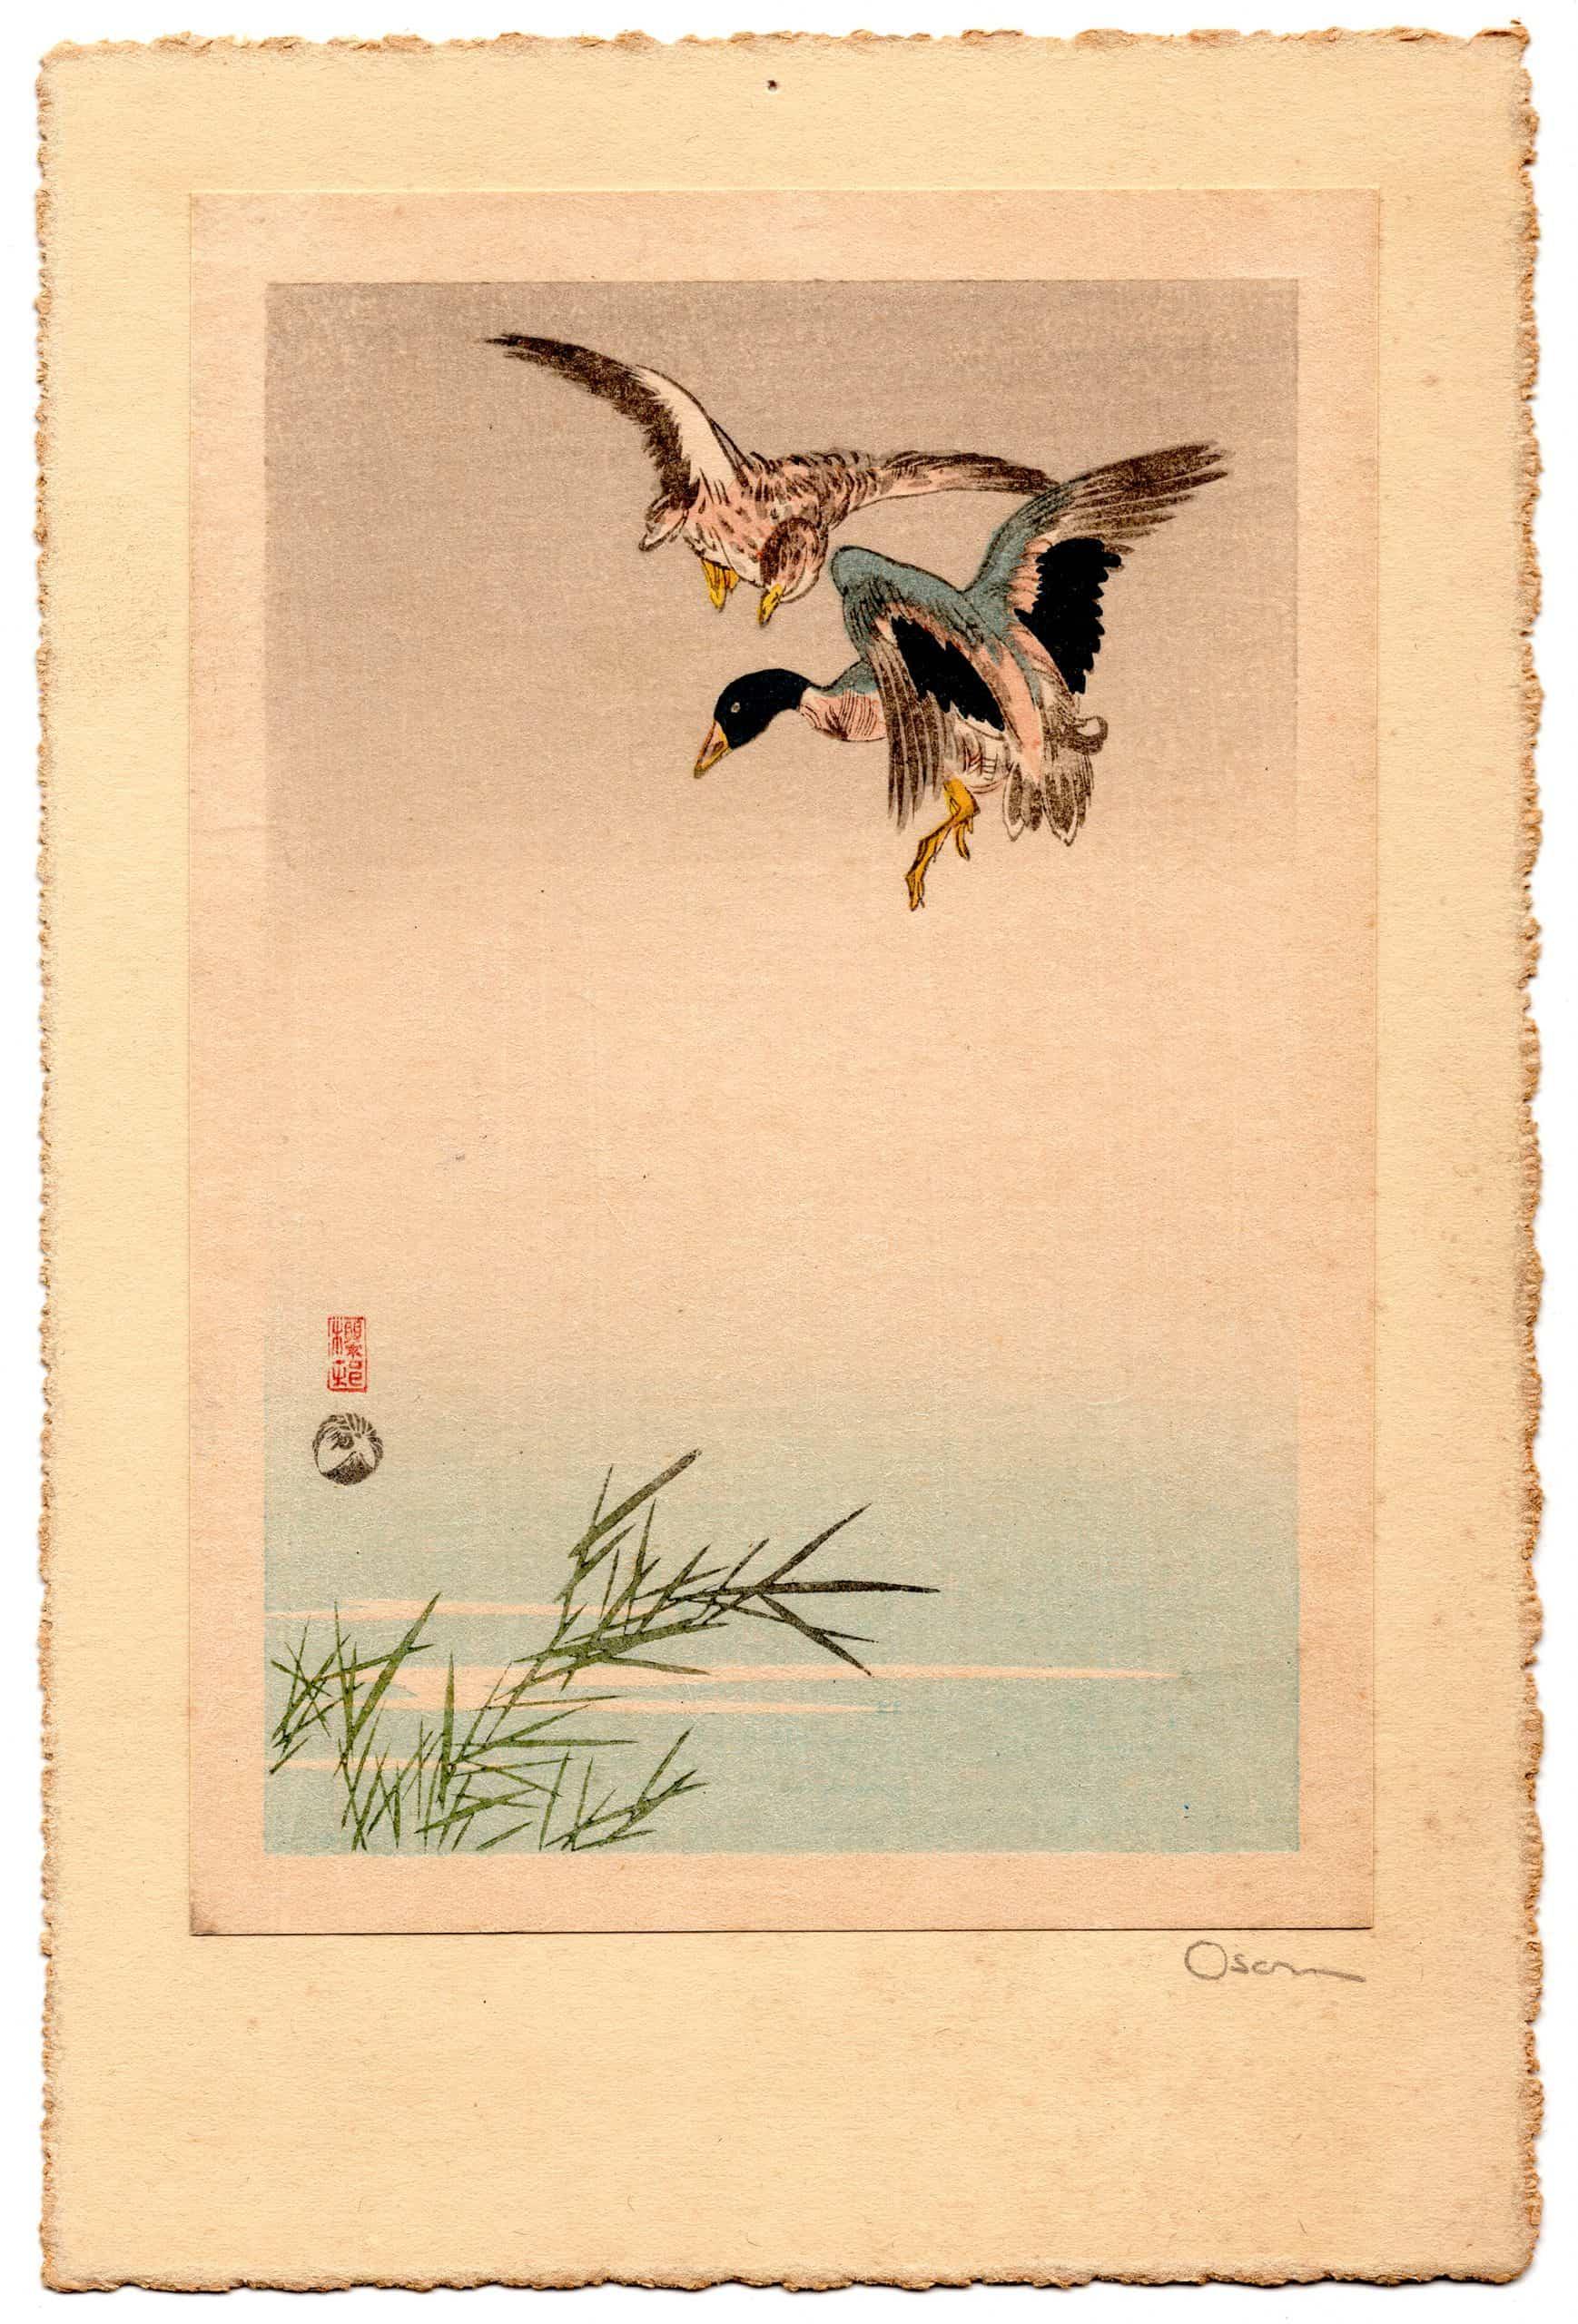 Okada Oson - Flying Geese (full)